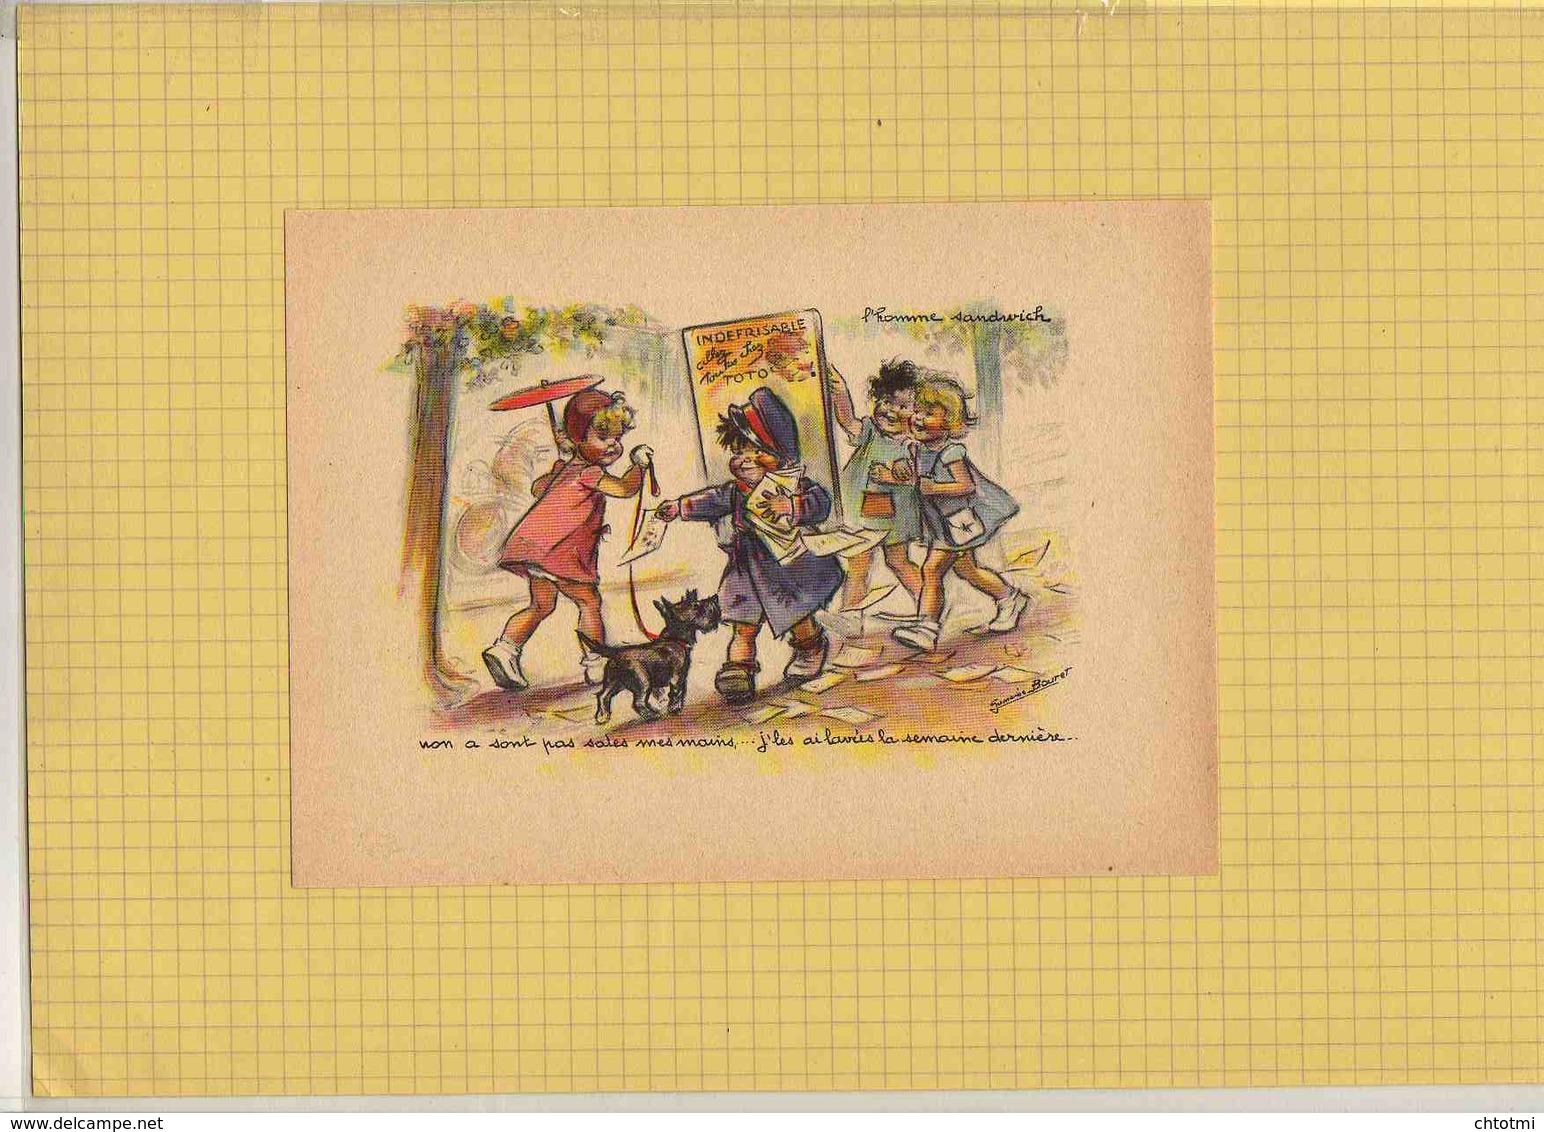 Gravure GERMAINE BOURET : Non A Sont Pas Sales Mes Mains ; L'Homme Sandwich  ; Chien - Bouret, Germaine